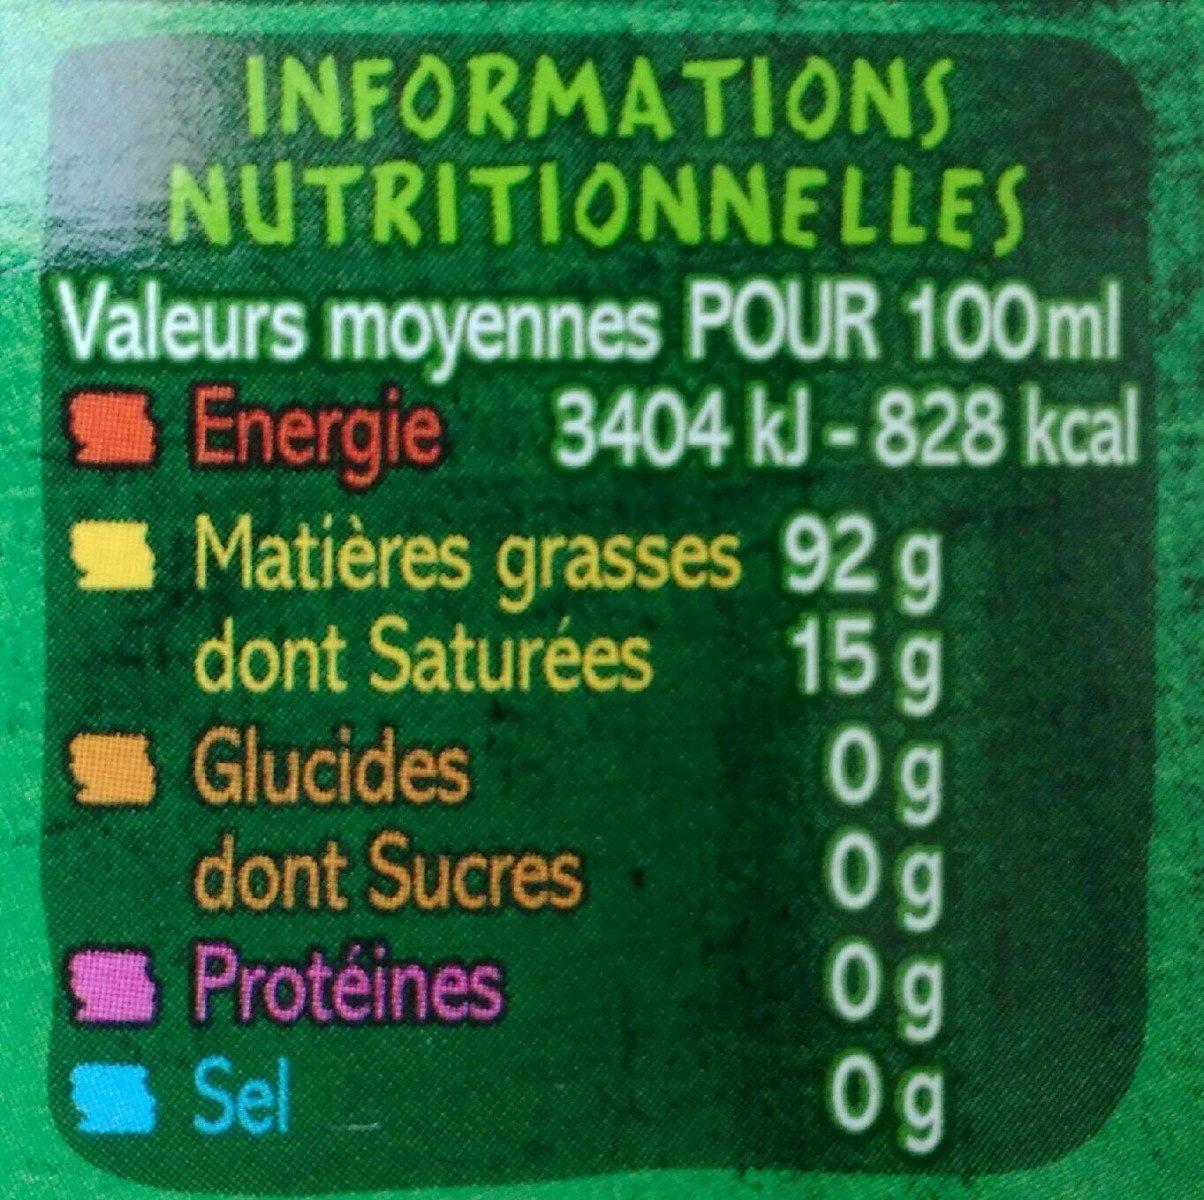 Huile vierge de sésame bio - Informations nutritionnelles